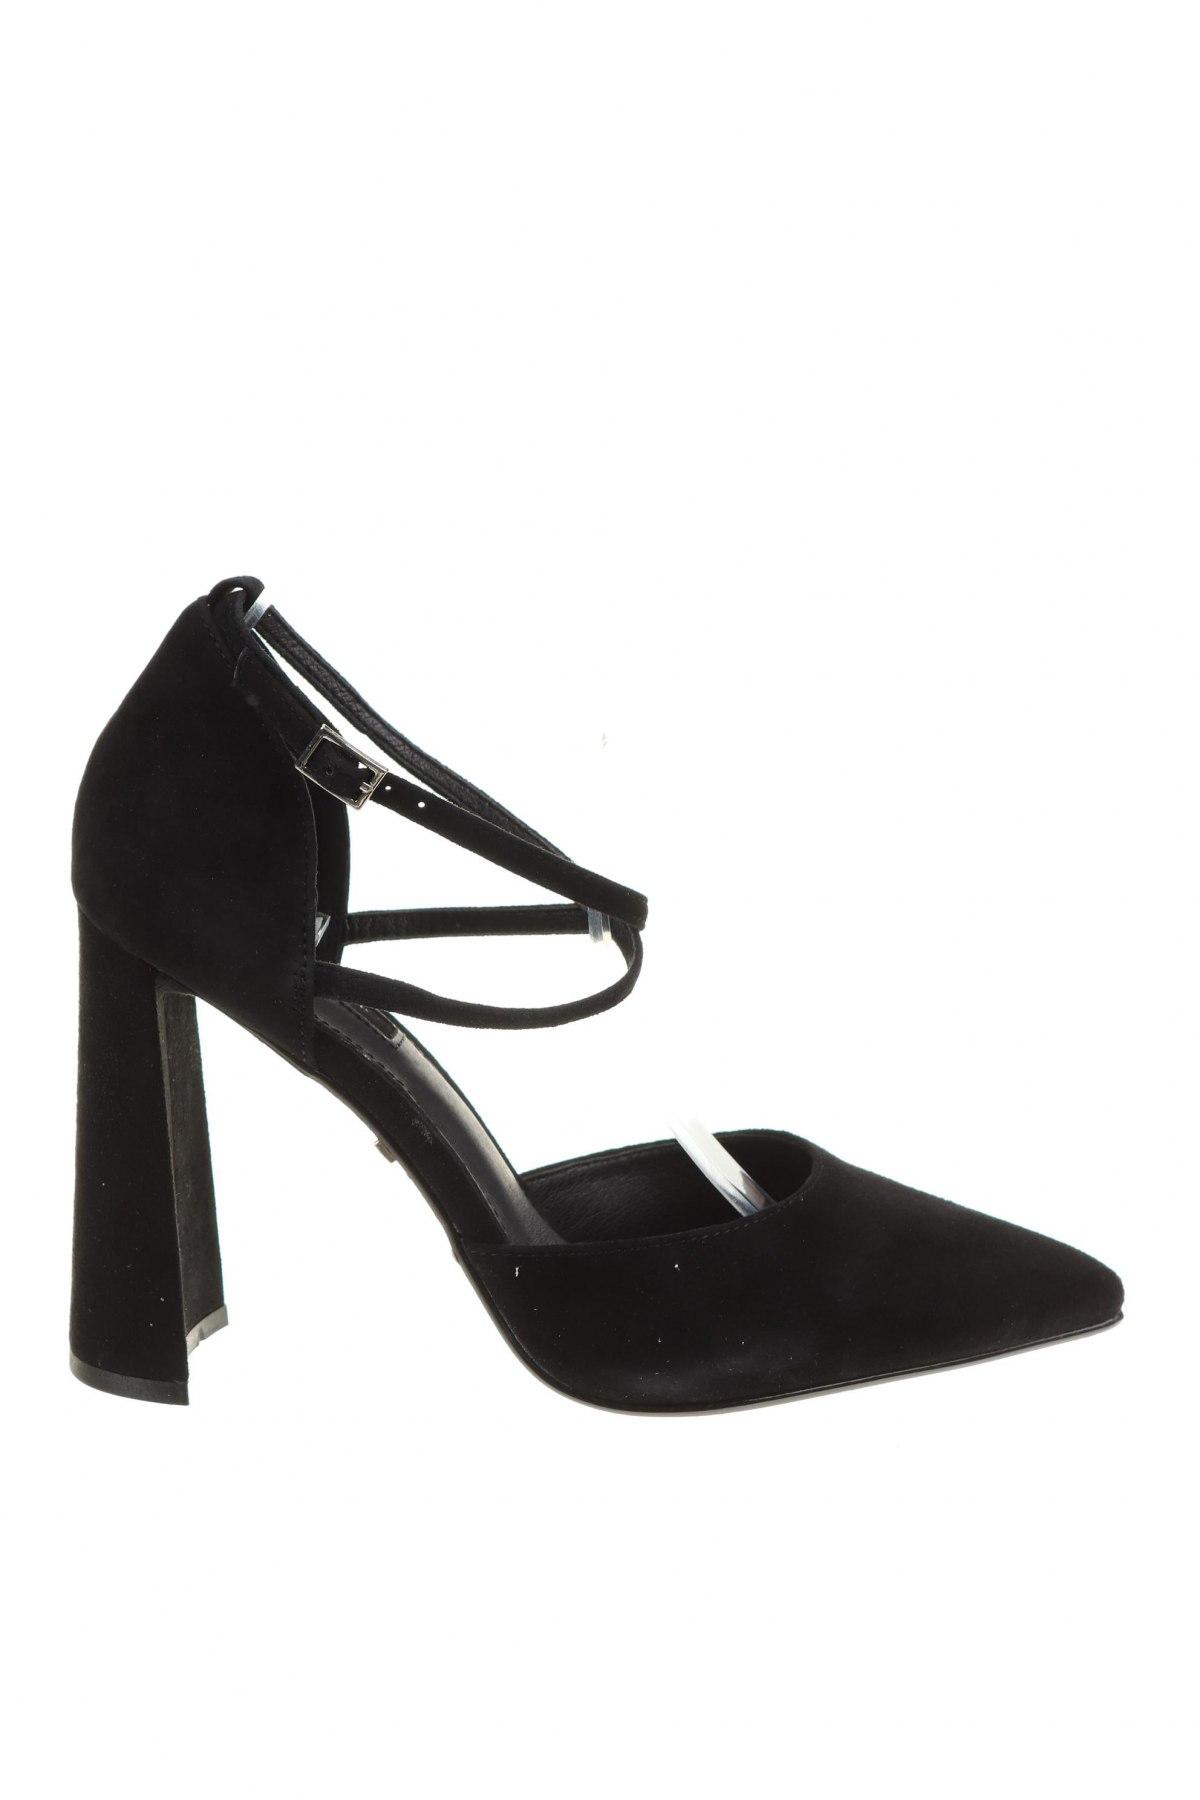 Дамски обувки Topshop, Размер 39, Цвят Черен, Естествен велур, Цена 33,00лв.